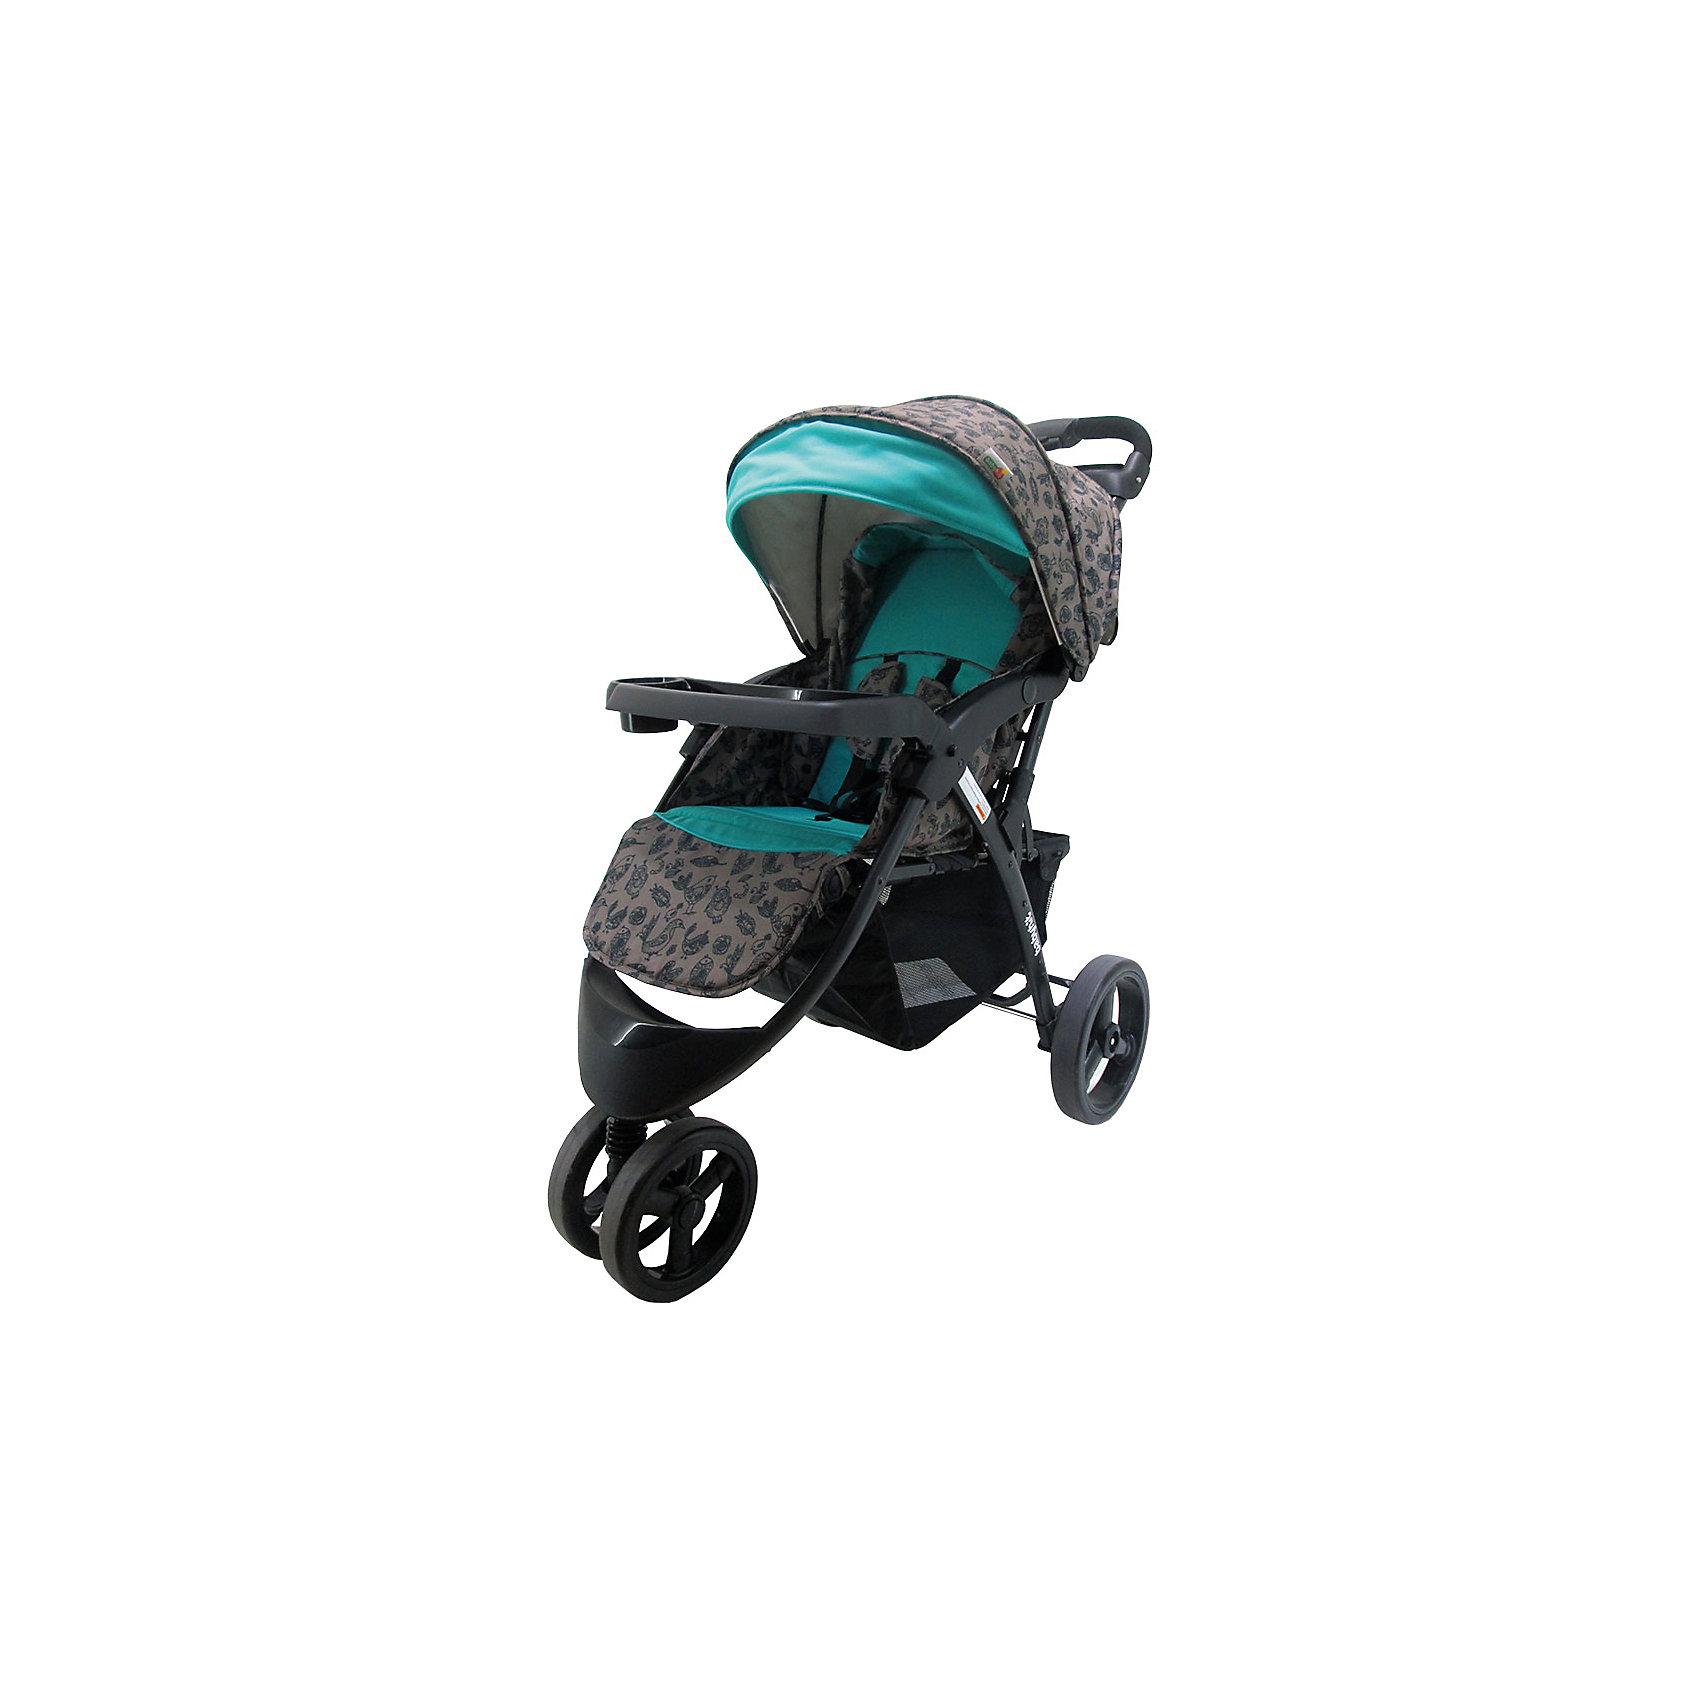 Прогулочная коляска Voyage, BIRDS, Baby Hit, синийПрогулочная коляска Voyage, Baby Hit (бэби хит) подходит для детей от 6 месяцев до 3 лет. Благодаря возможности наклона спинки до лежачего  положения, ваш ребенок сможет удобно расположиться в коляске и поспать. Для большего комфорта малыша у данной модели предусмотрены капюшон «батискаф», регулируемая подножка, съемный столик-поручень. Система амортизации на всех колесах.<br>Особенности и преимущества:<br>-капюшон-«батискаф»<br>-удобная корзина для покупок<br>-наклон спинки до лежачего положения<br>Размеры: 80x42x35 см<br>Вес: 11 кг<br>В комплекте: дождевик, москитная сетка, полог.<br><br>Прогулочную коляску Voyage можно приобрести в нашем интернет-магазине.<br><br>Ширина мм: 350<br>Глубина мм: 420<br>Высота мм: 800<br>Вес г: 14740<br>Возраст от месяцев: 6<br>Возраст до месяцев: 36<br>Пол: Унисекс<br>Возраст: Детский<br>SKU: 4881283